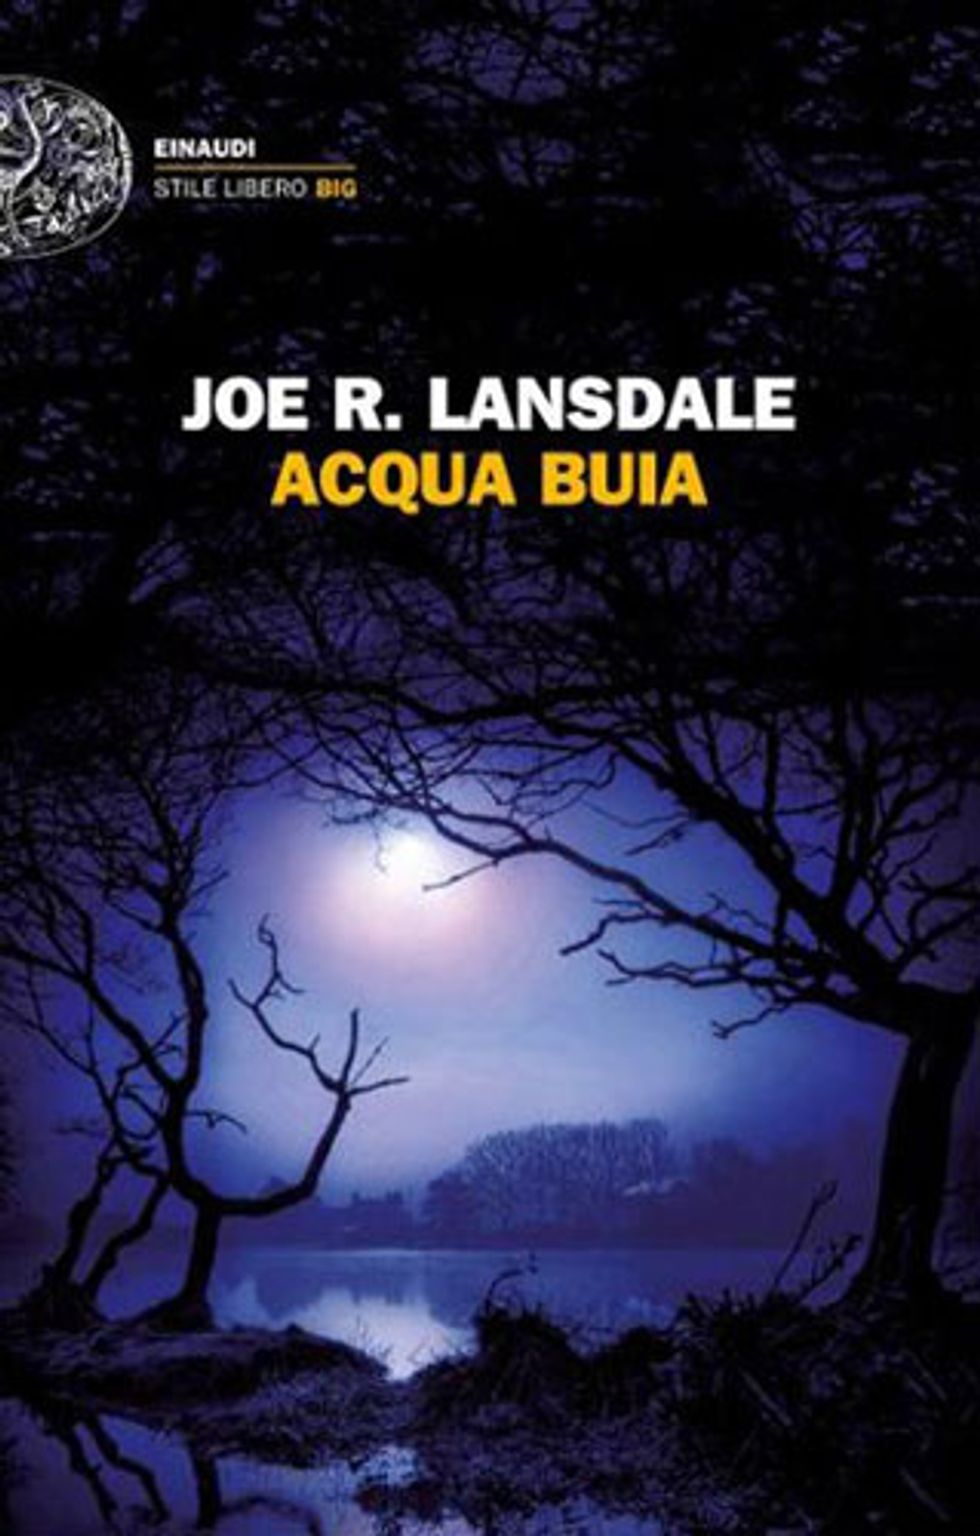 Joe R. Lansdale e 'Una coppia perfetta': il nuovo libro con Hap e Leonard